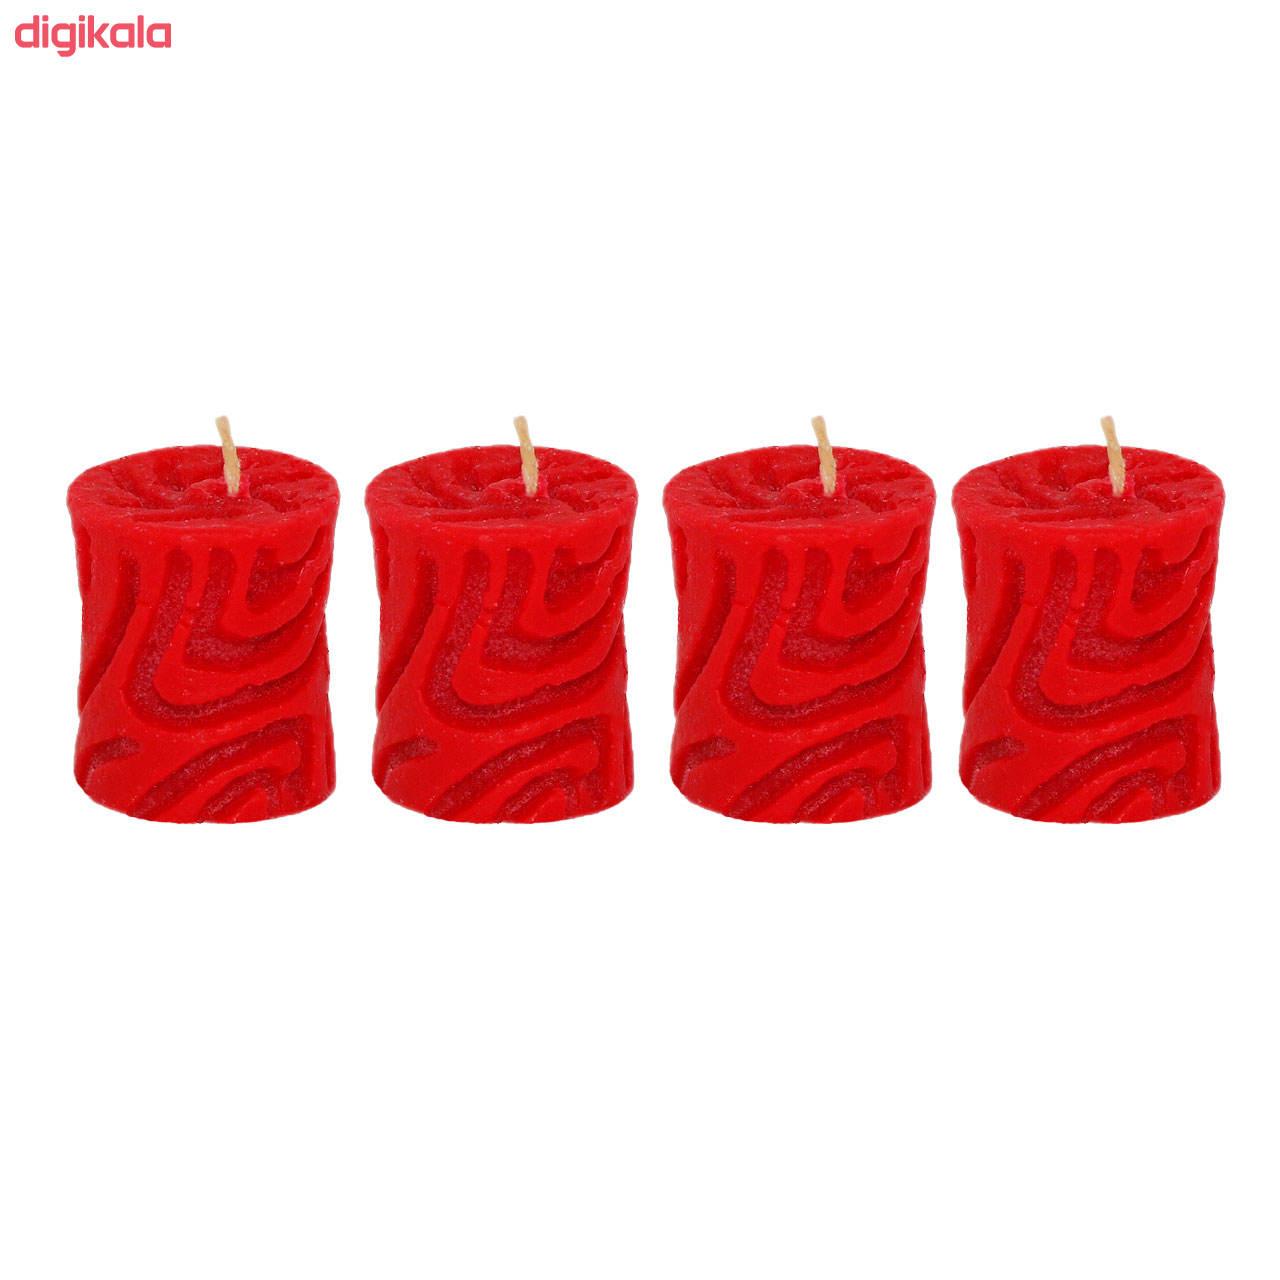 شمع مدل استوانه کد T4 مجموعه 4 عددی main 1 1